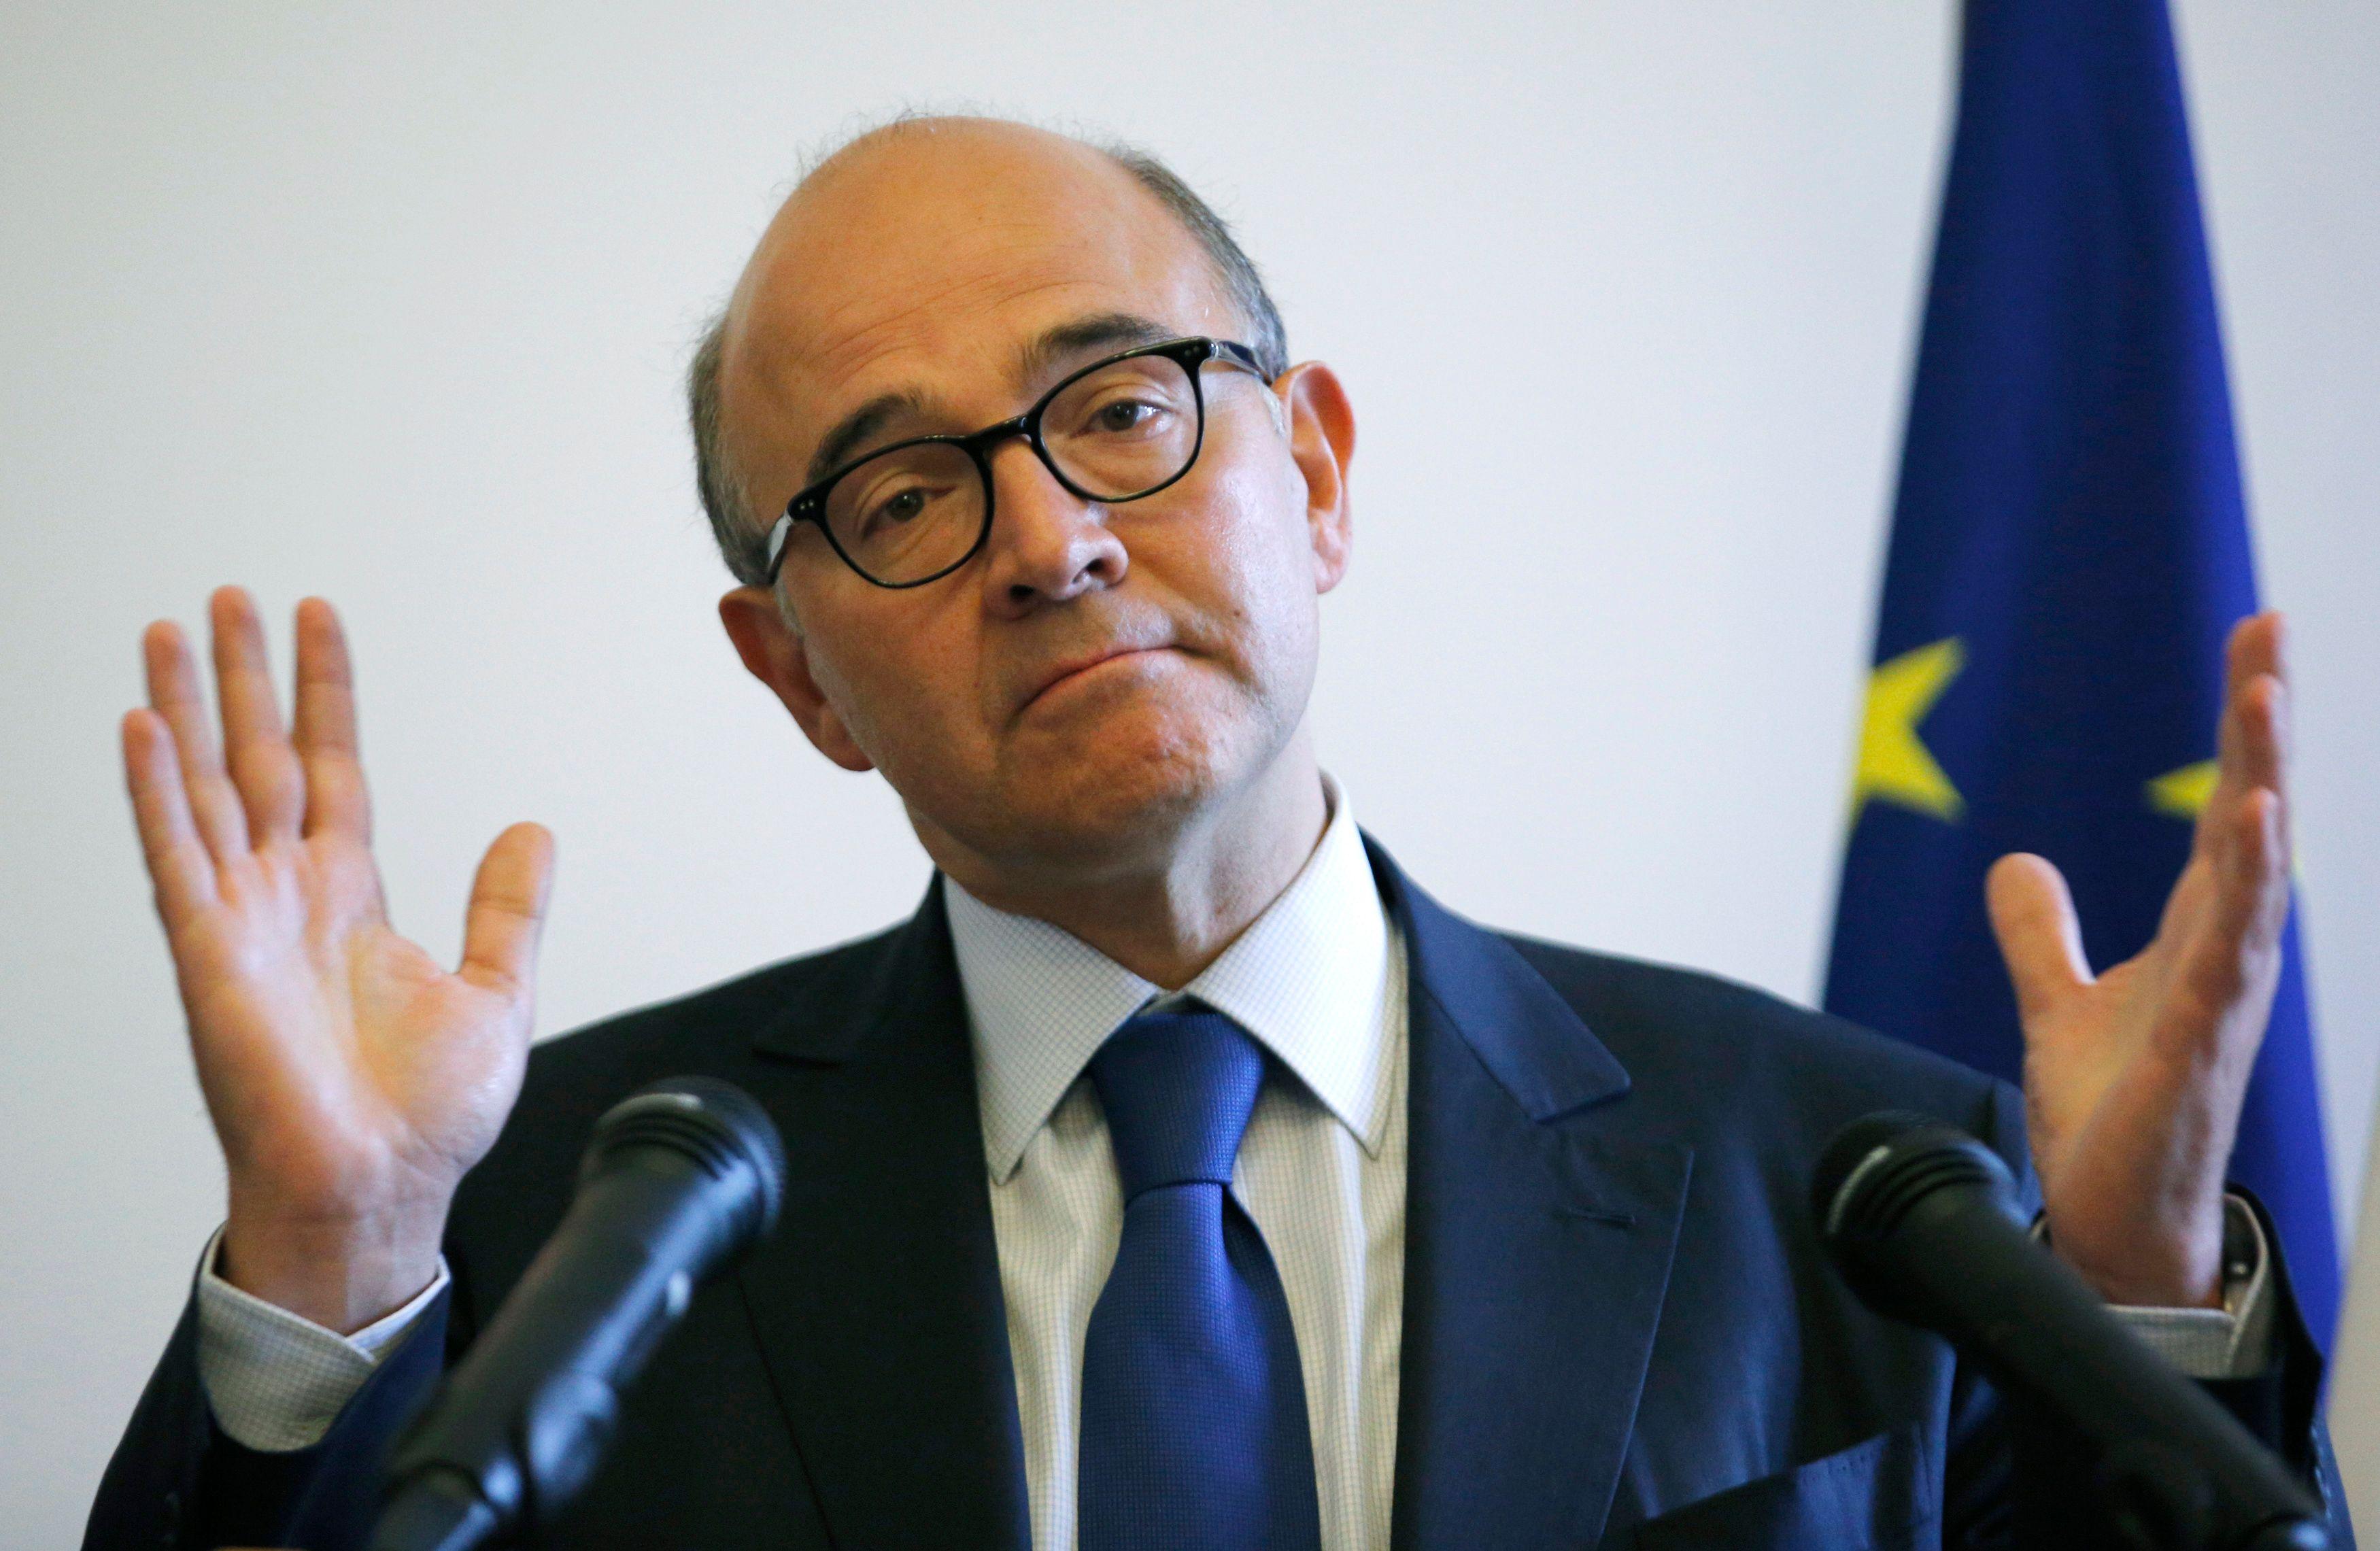 Les hausses d'impôts futures dépendront de l'état de l'économie, selon Pierre Moscovici.